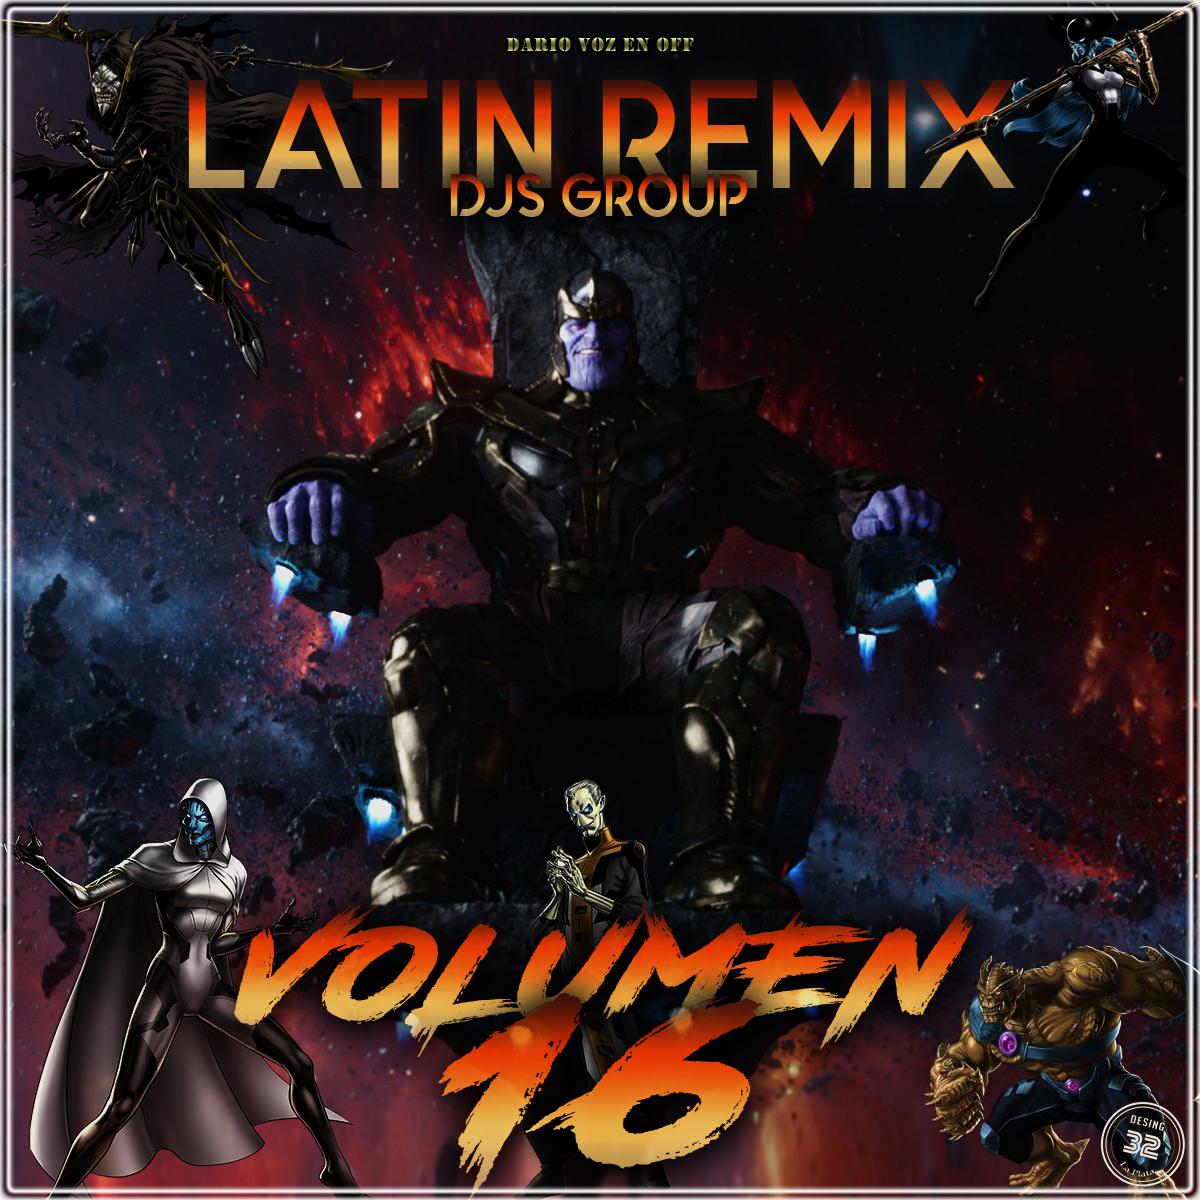 Latin Remix Djs Group Vol 16 - 2018